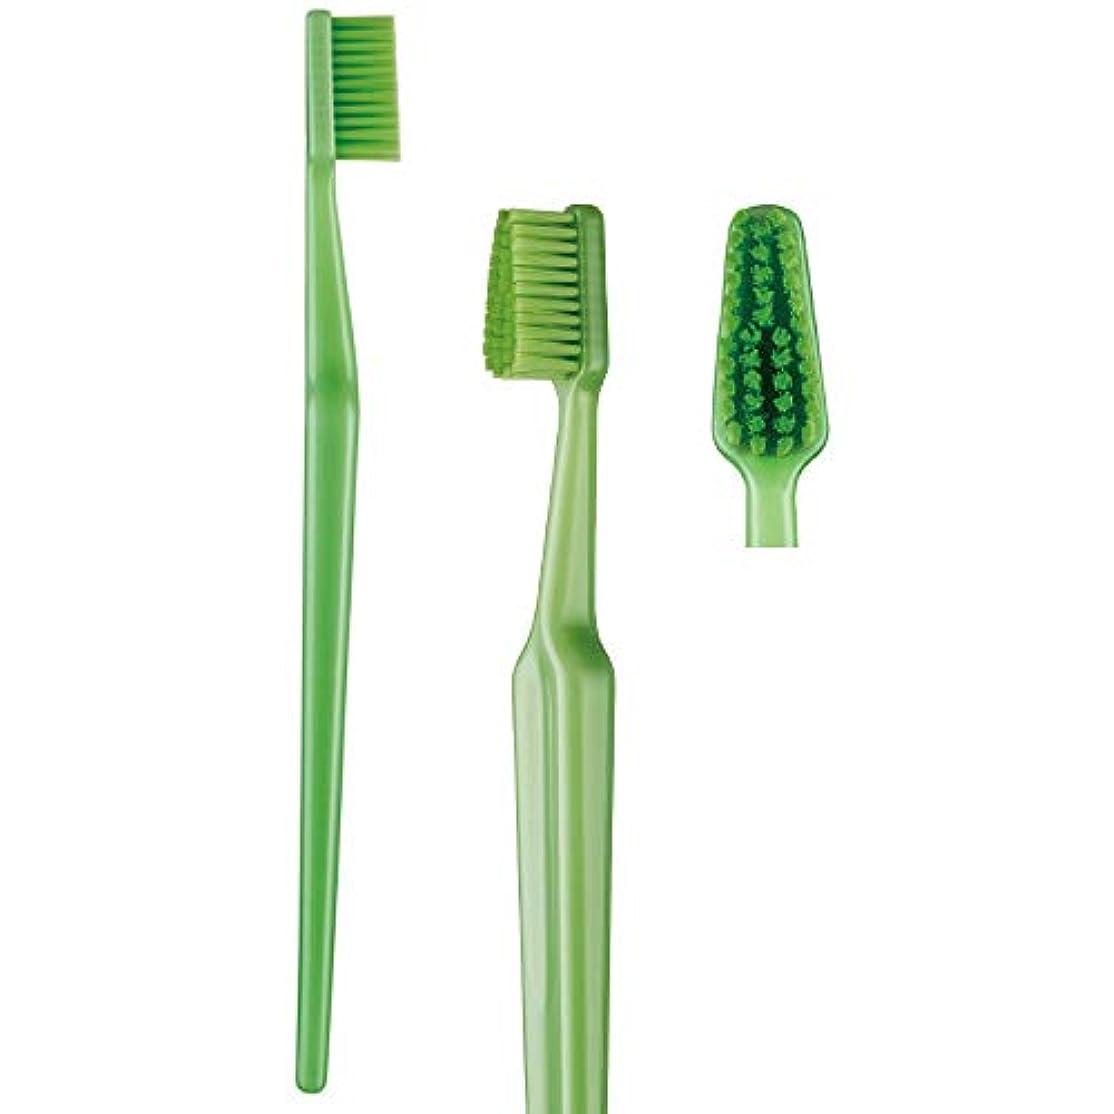 飾り羽歪める一致歯科専売品 大人用歯ブラシ TePe GOOD (グッド) レギュラー ソフト(やわらかめ) ヘッド大 1本